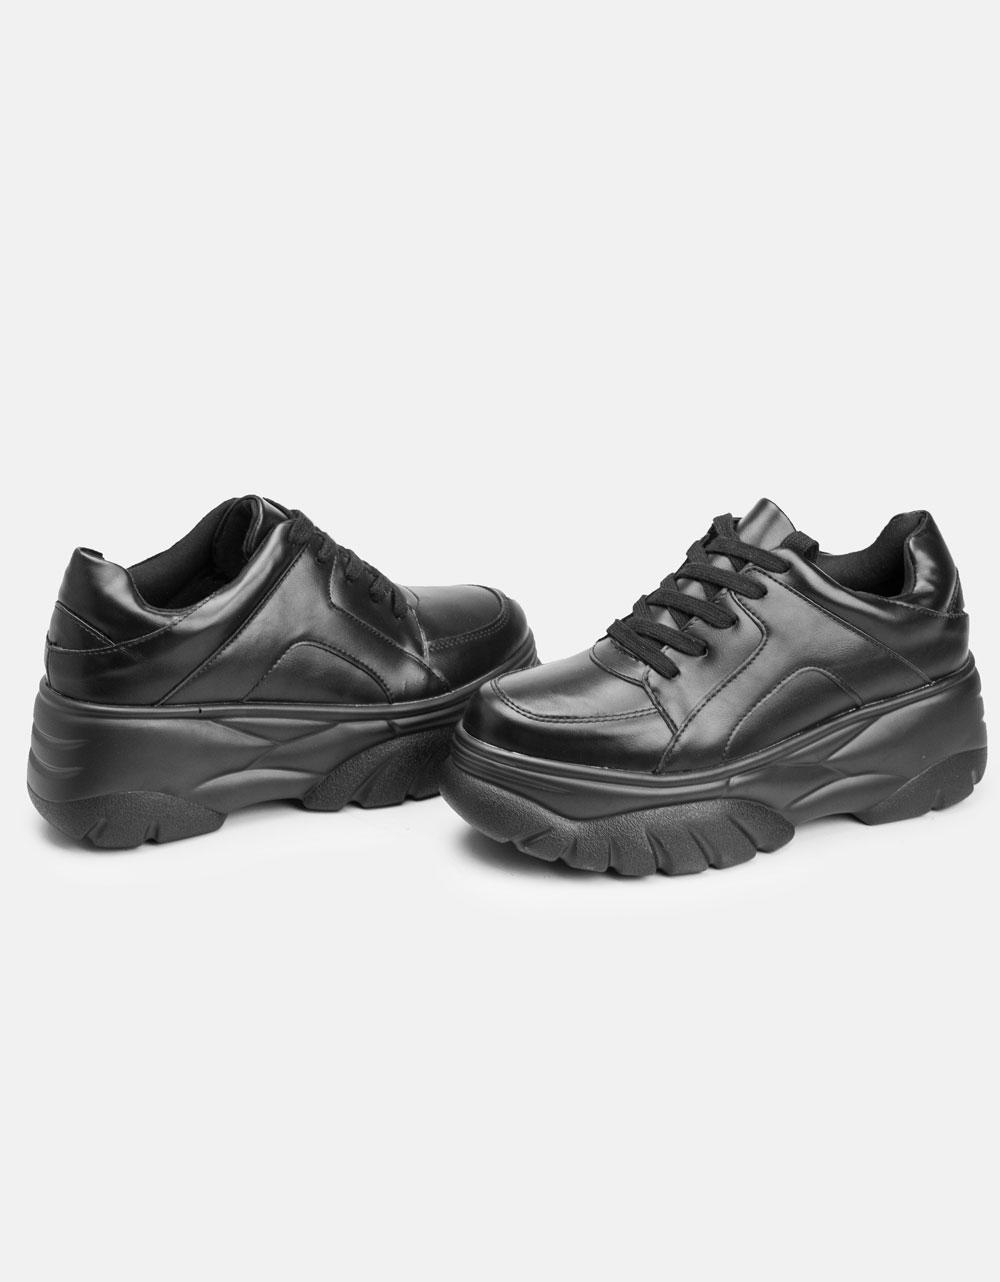 Εικόνα από Γυναικεία sneakers με ψηλή σόλα Μαύρο